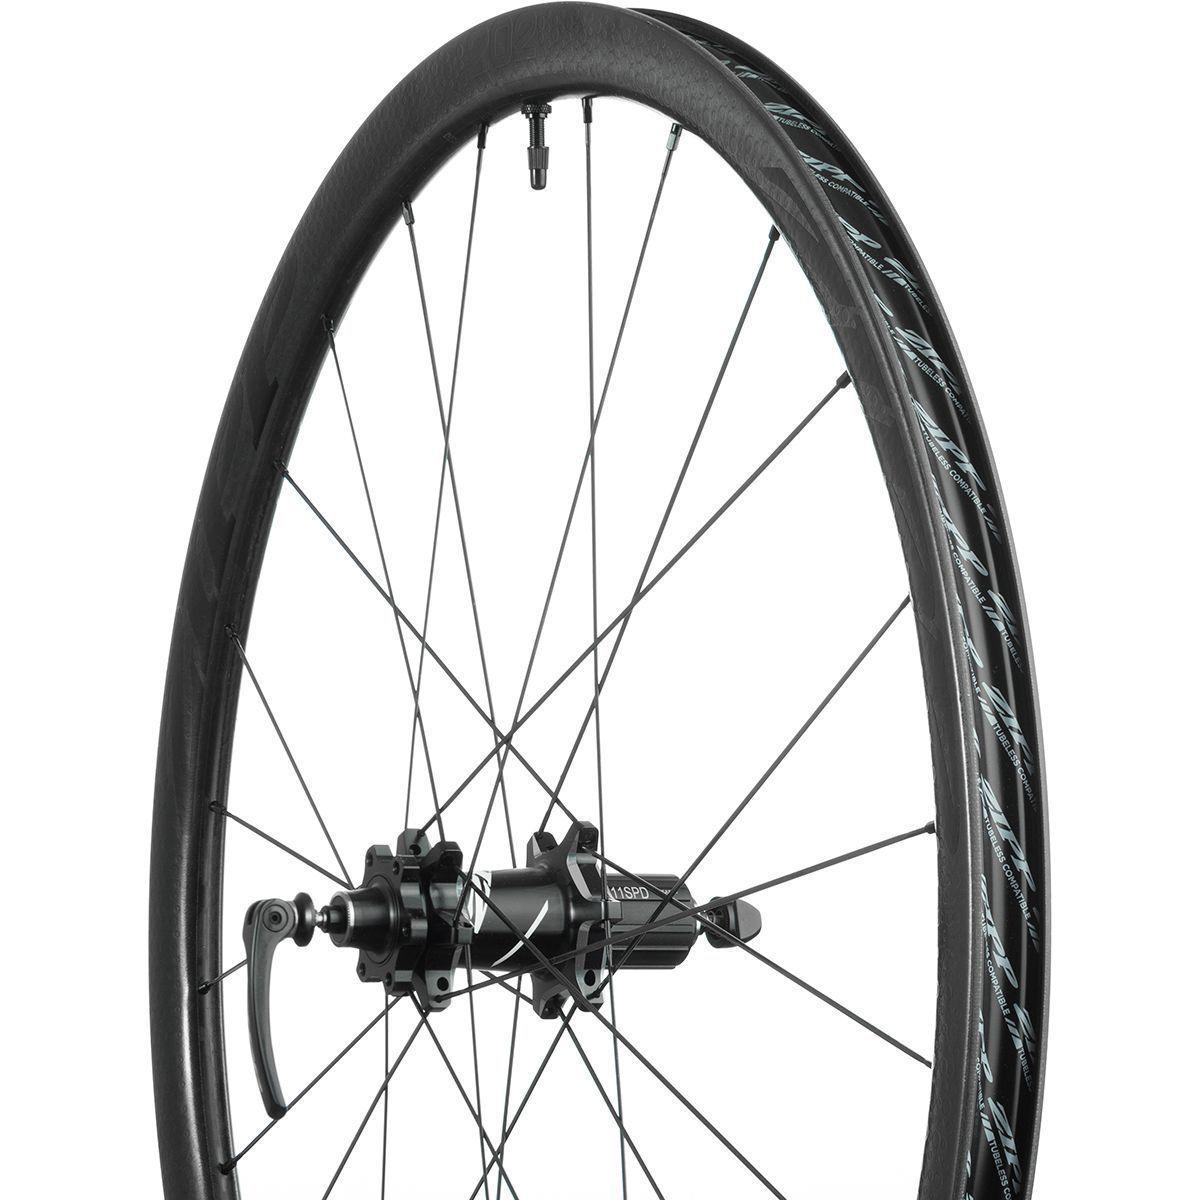 Zipp 202 Firecrest Carbon Disc Brake Road Wheelset Tubeless